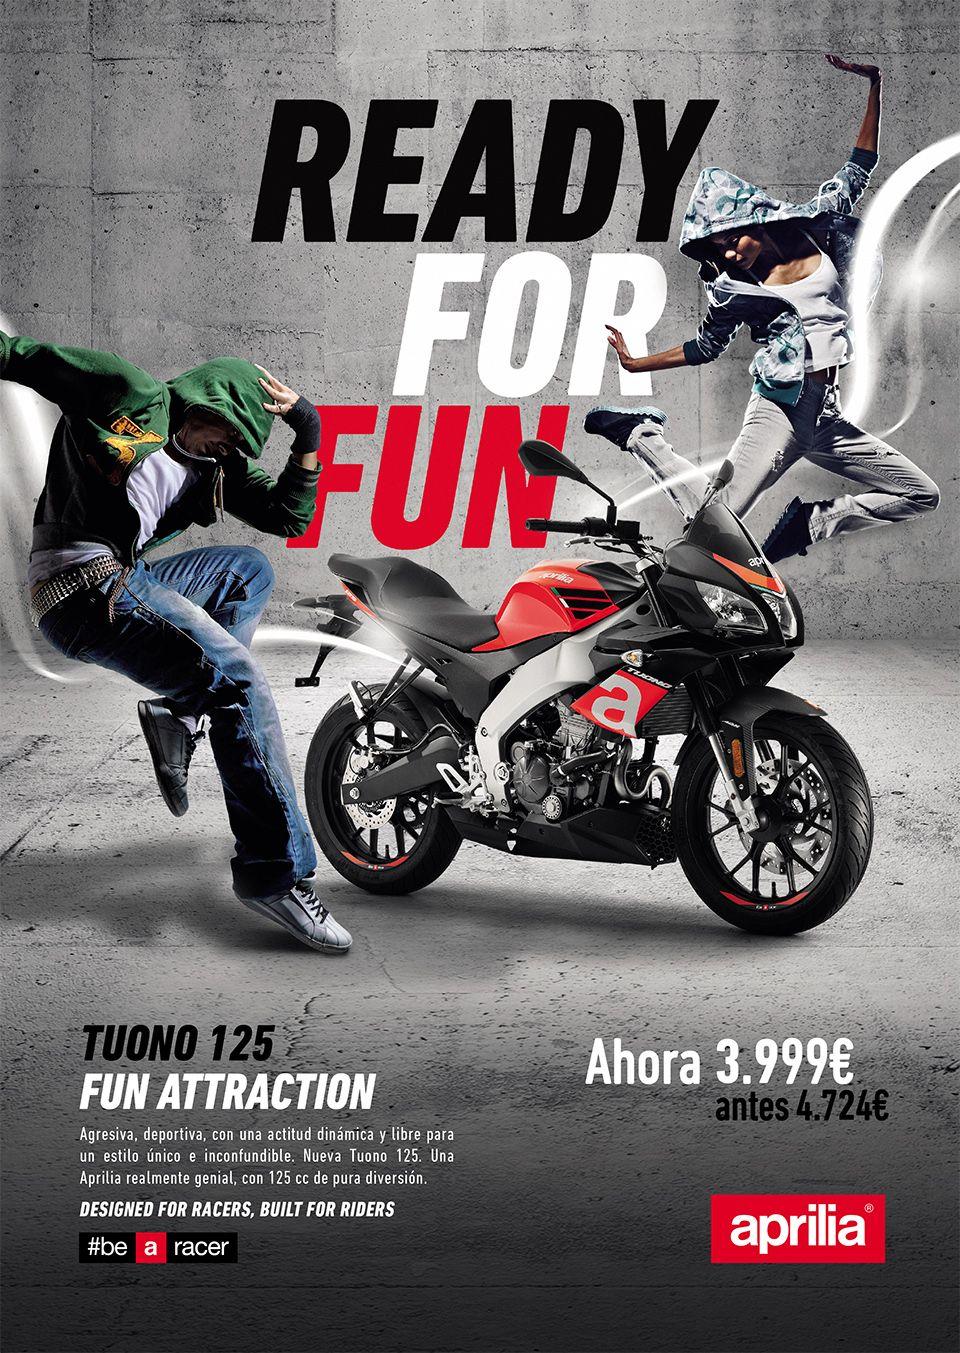 Una auténtica deportiva por sólo 3.999€ - Aprilia Tuono 125